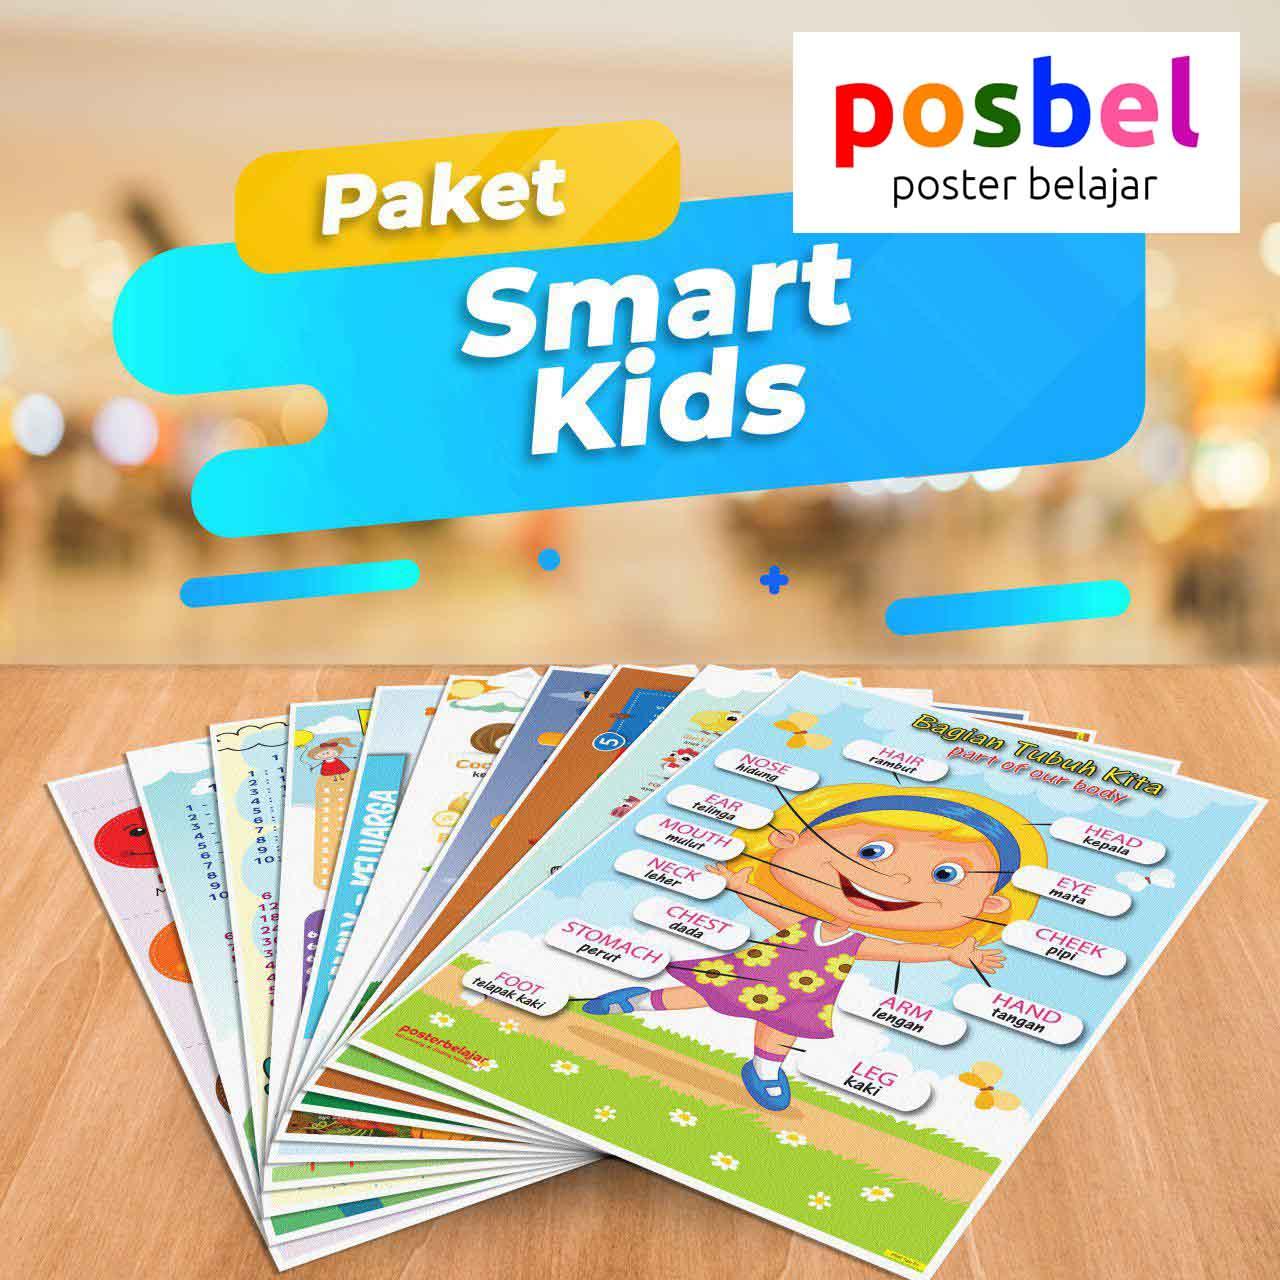 POSBEL paket Smart kids isi 10 poster belajar mainan anak edukatif edukasi bahasa inggris alat peraga pendidikan